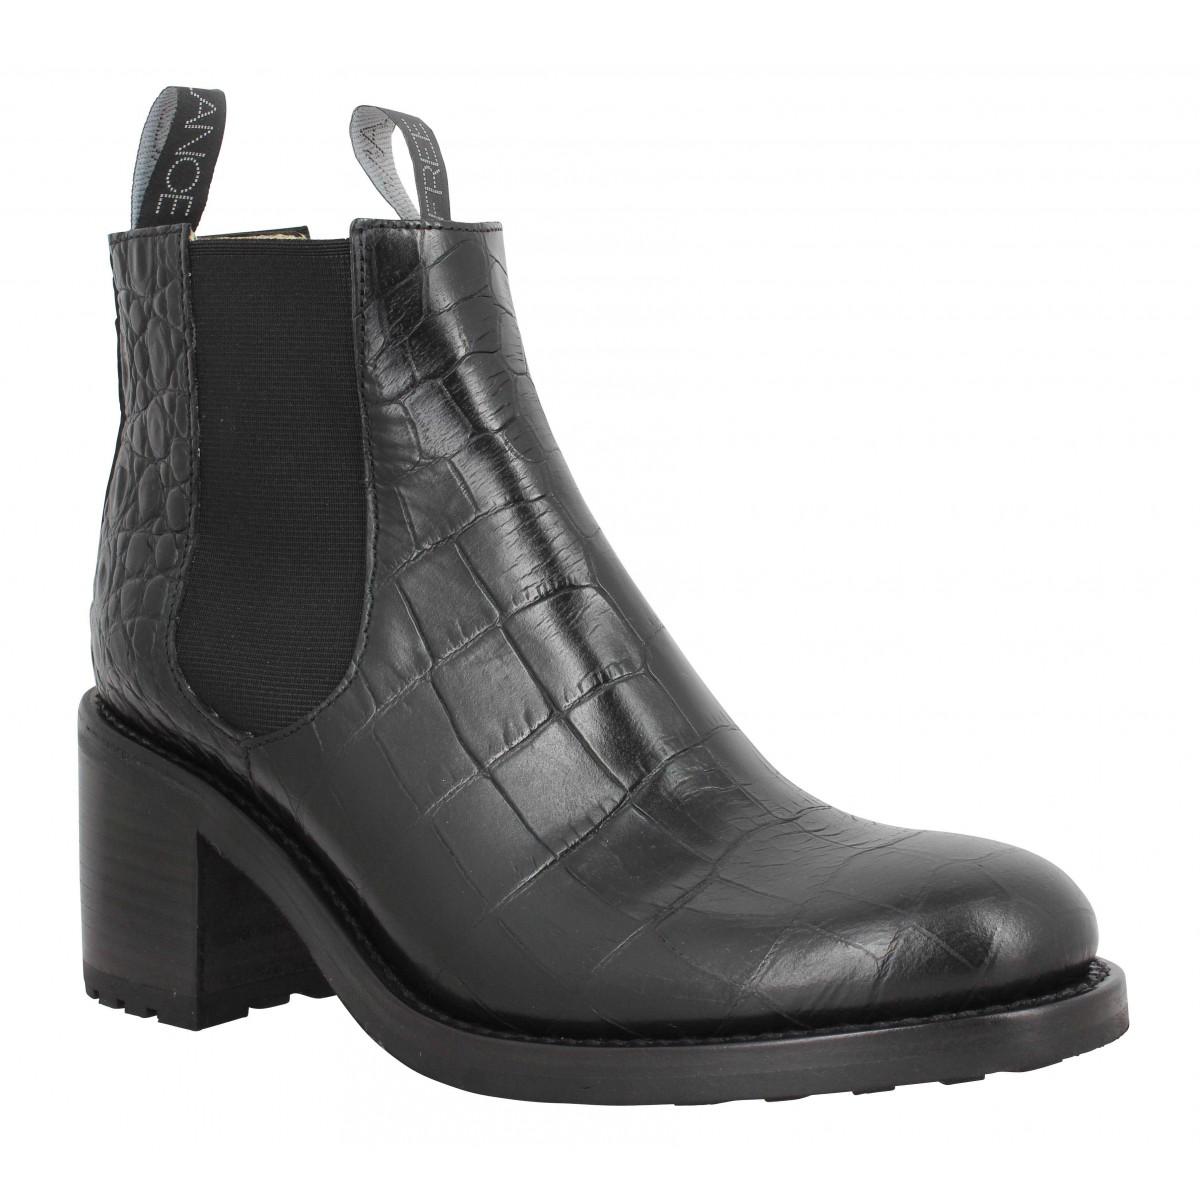 Free Lance Femme Daytona 7 Chelsea Boot...